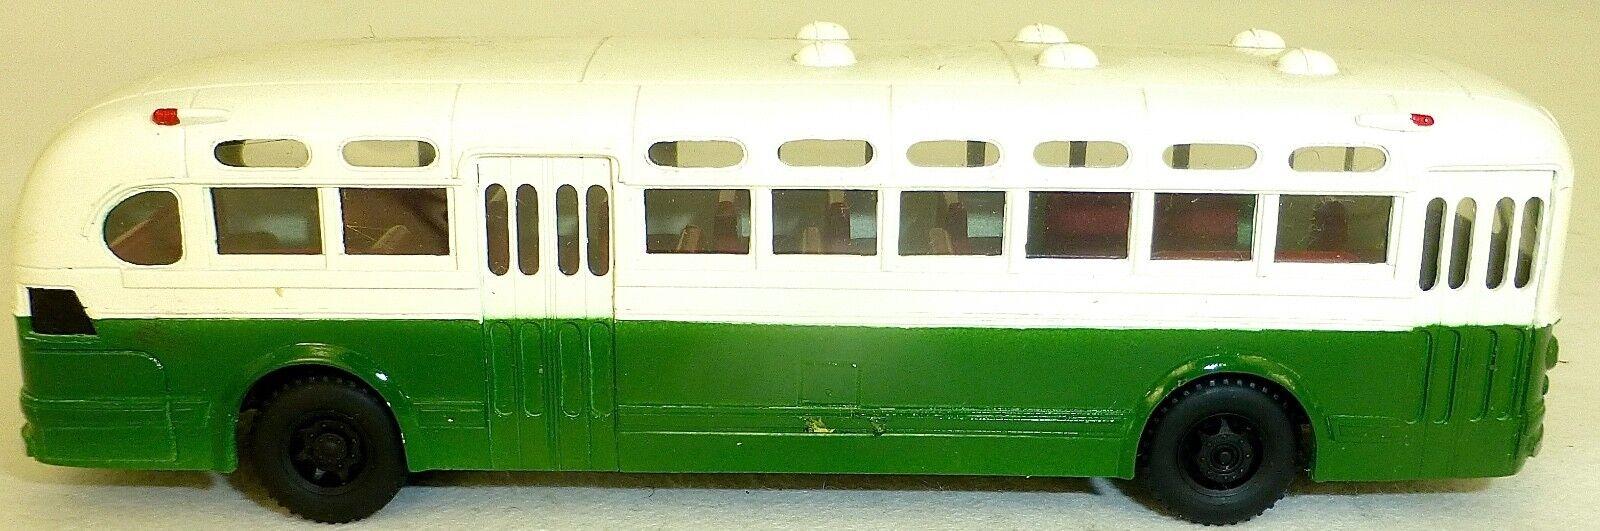 ZIS 154 1947  Kiev lissiza v&v Bus h0 1 87 å   sortie d'exportation